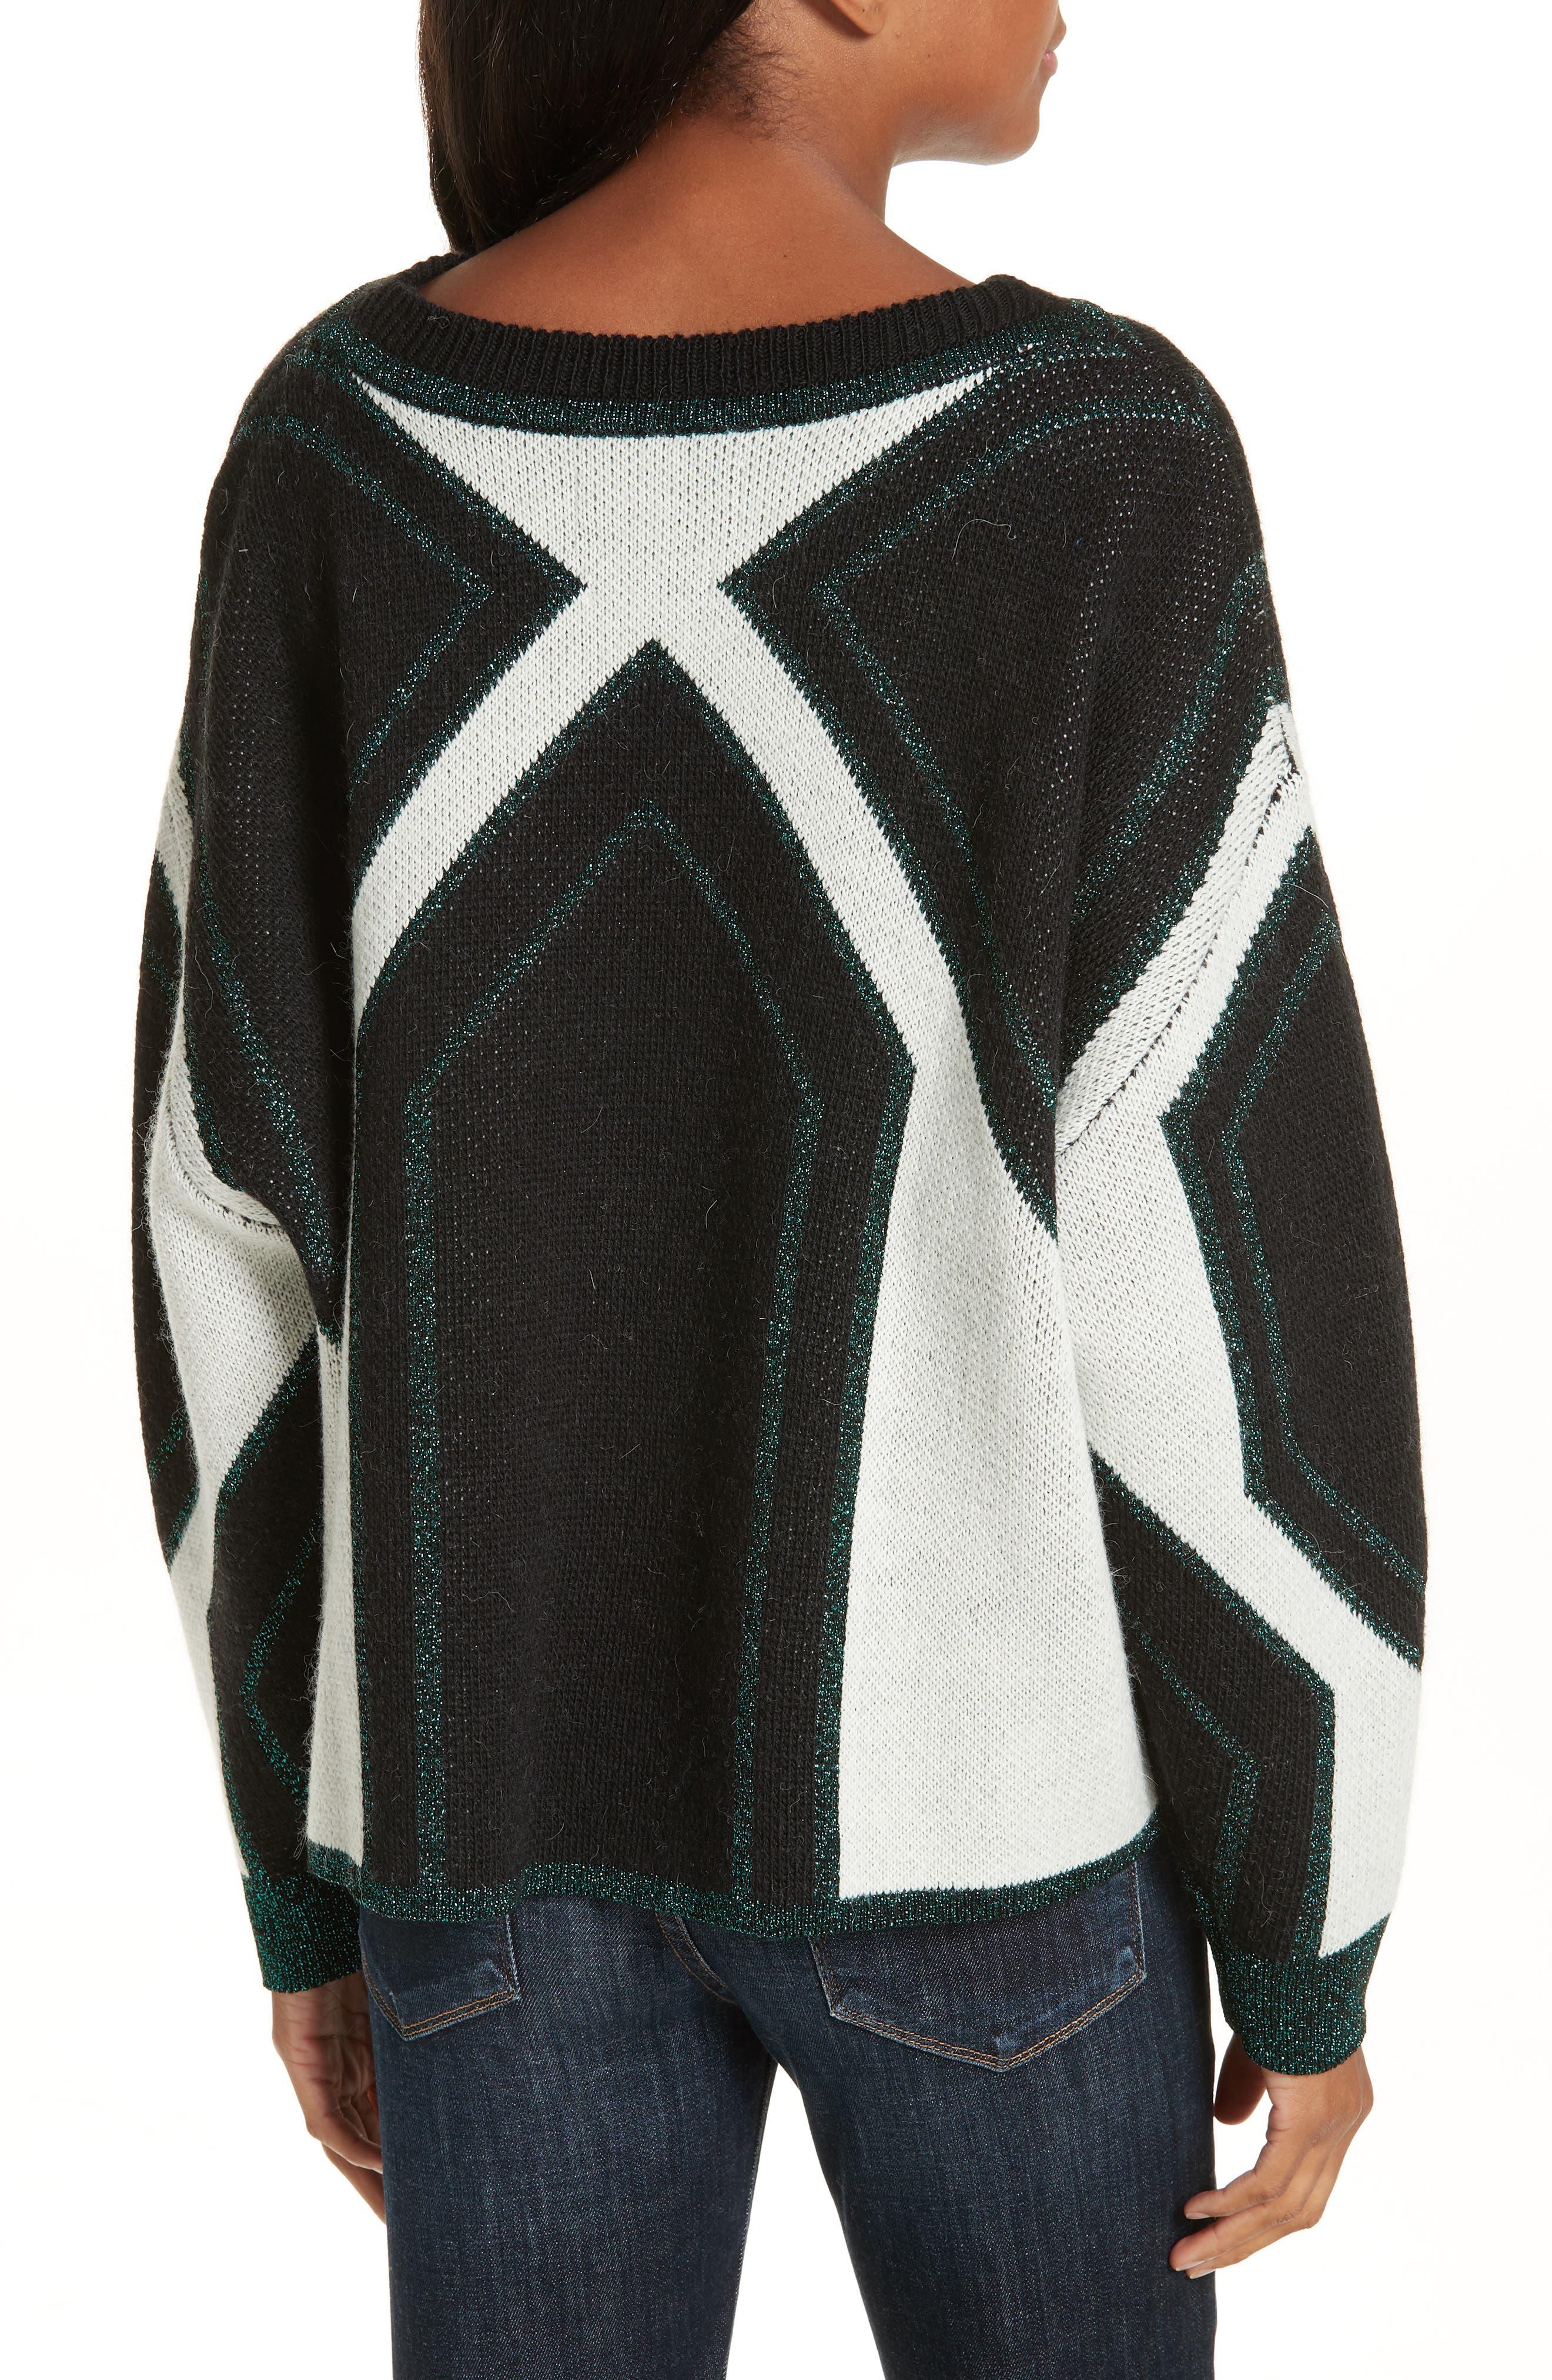 Velny Sweater,                             Alternate thumbnail 2, color,                             MULTI